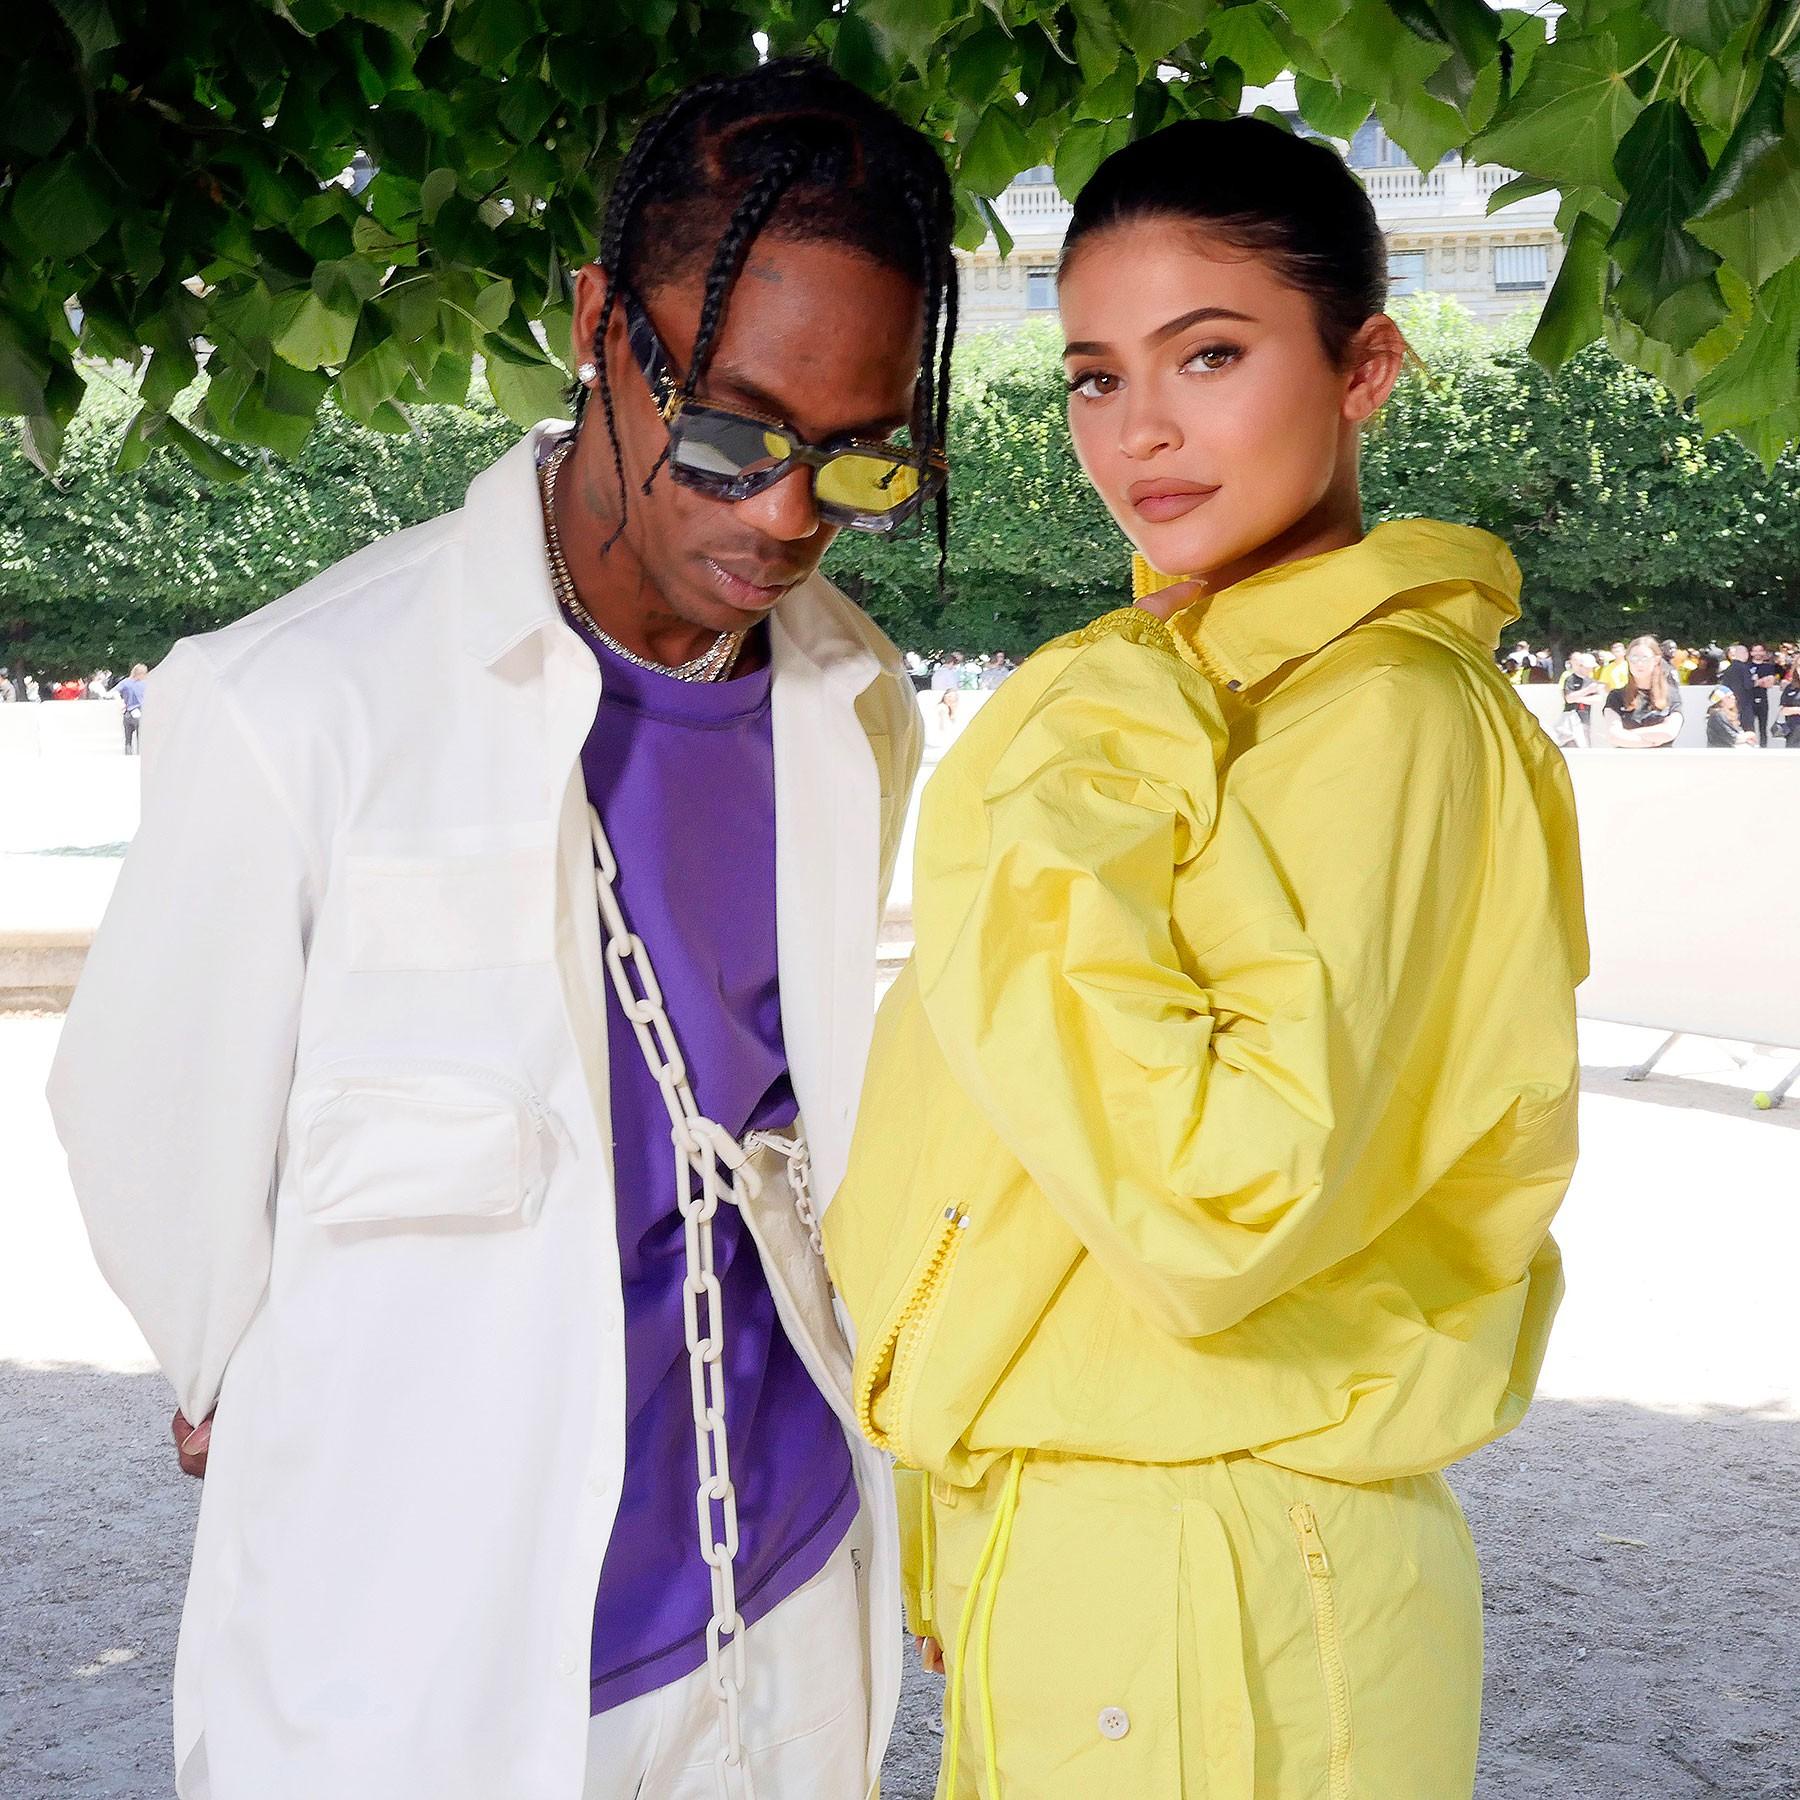 Dính tin đồn ngoại tình, Travis Scott công khai dùng cách đặc biệt này để thể hiện tình yêu với bạn gái Kylie Jenner - Ảnh 2.